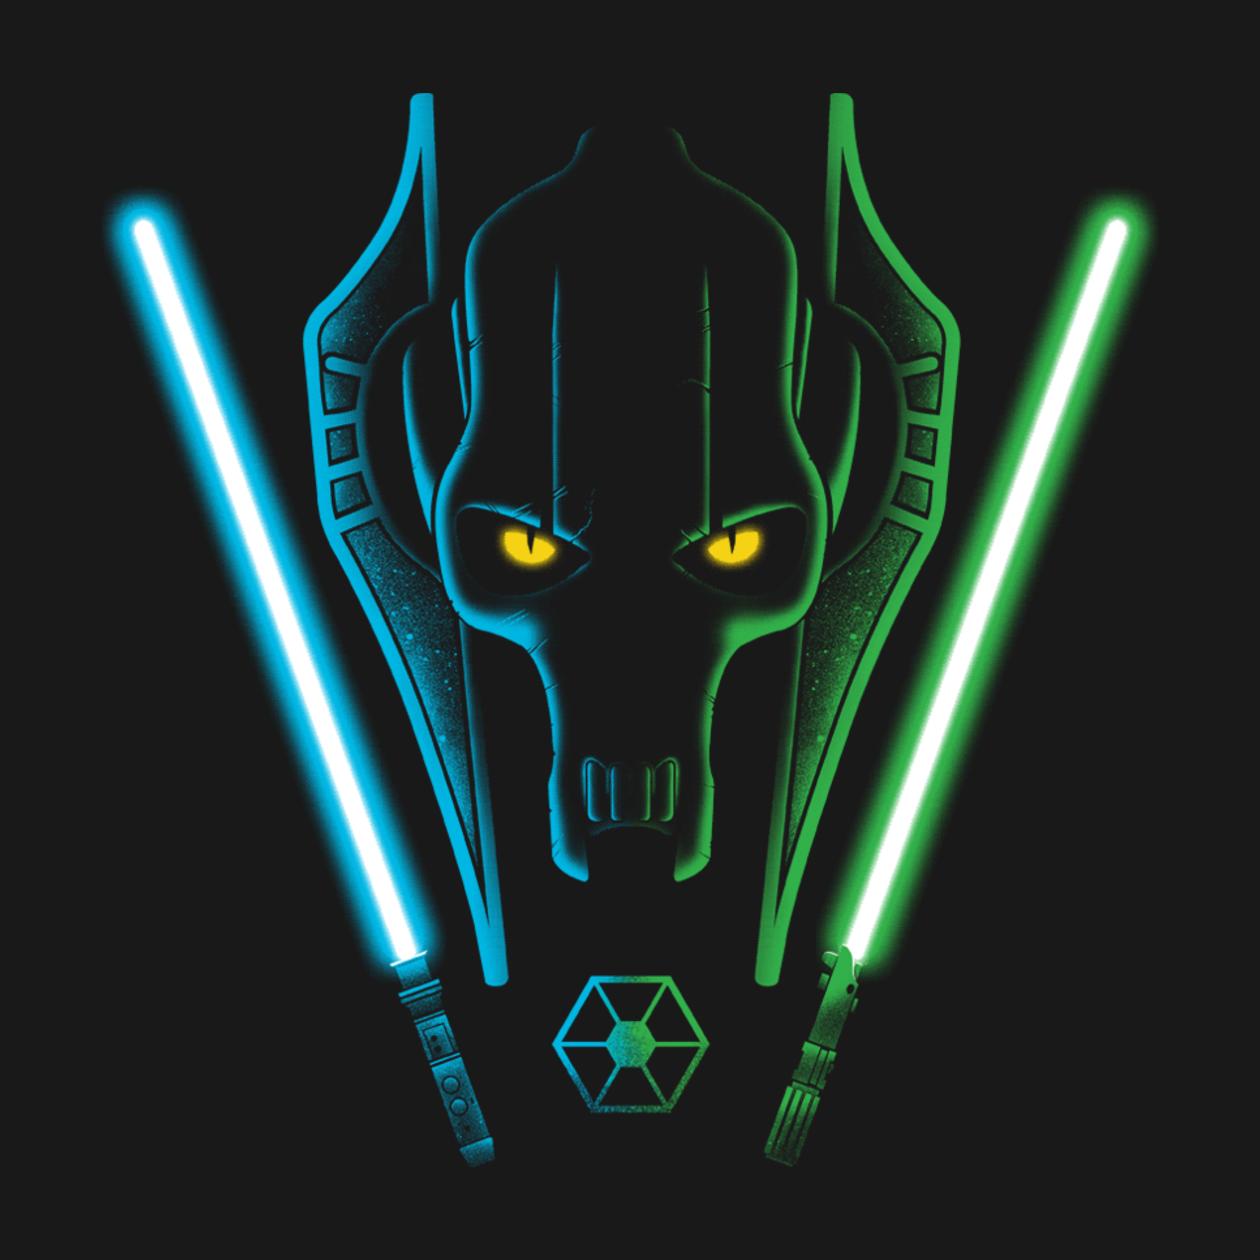 The General General Grievous T Shirt The Shirt List Star Wars Images Star Wars Geek Star Wars Villains